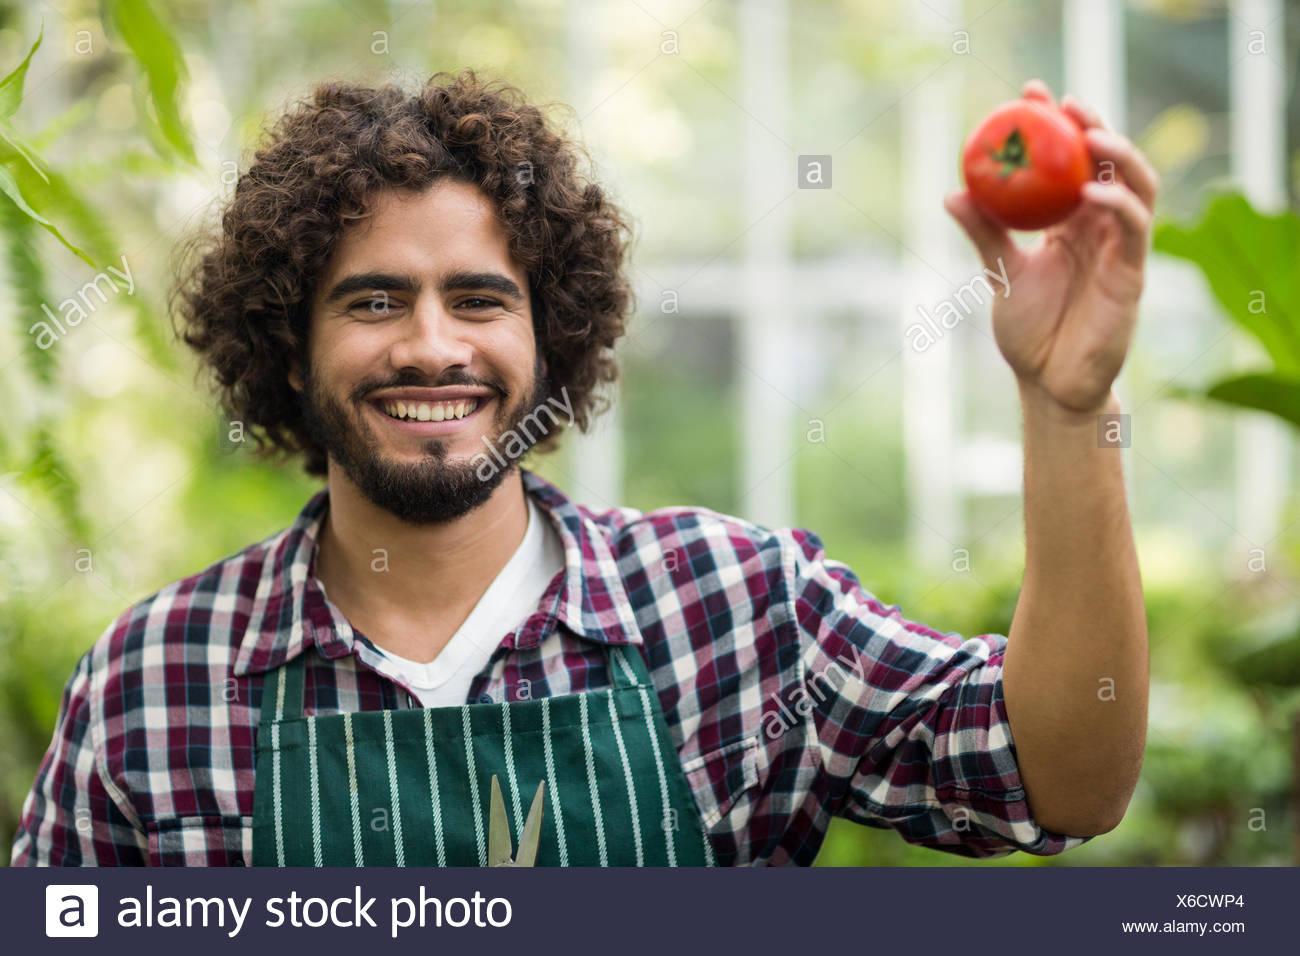 Giardiniere maschio che mostra il pomodoro fresco Immagini Stock